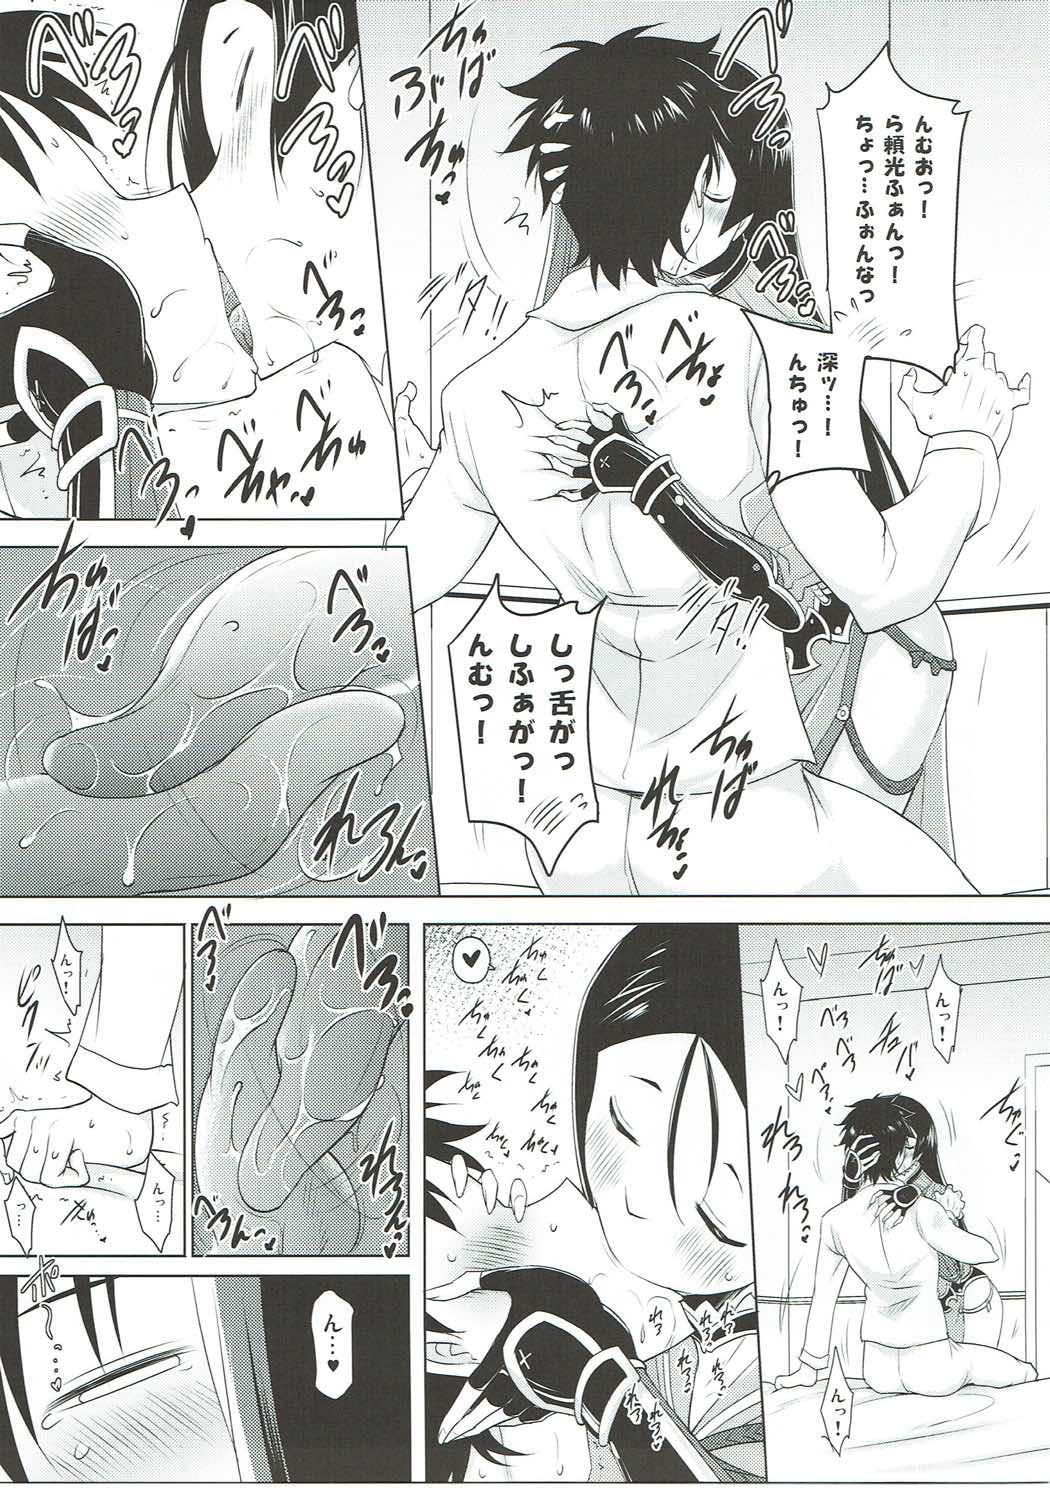 【FGO エロ漫画・エロ同人】巨乳の源頼光がマスターにメッチャ迫ってるw一回セックスしたら毎日エッチ求められるようになっちゃったンゴwww (6)